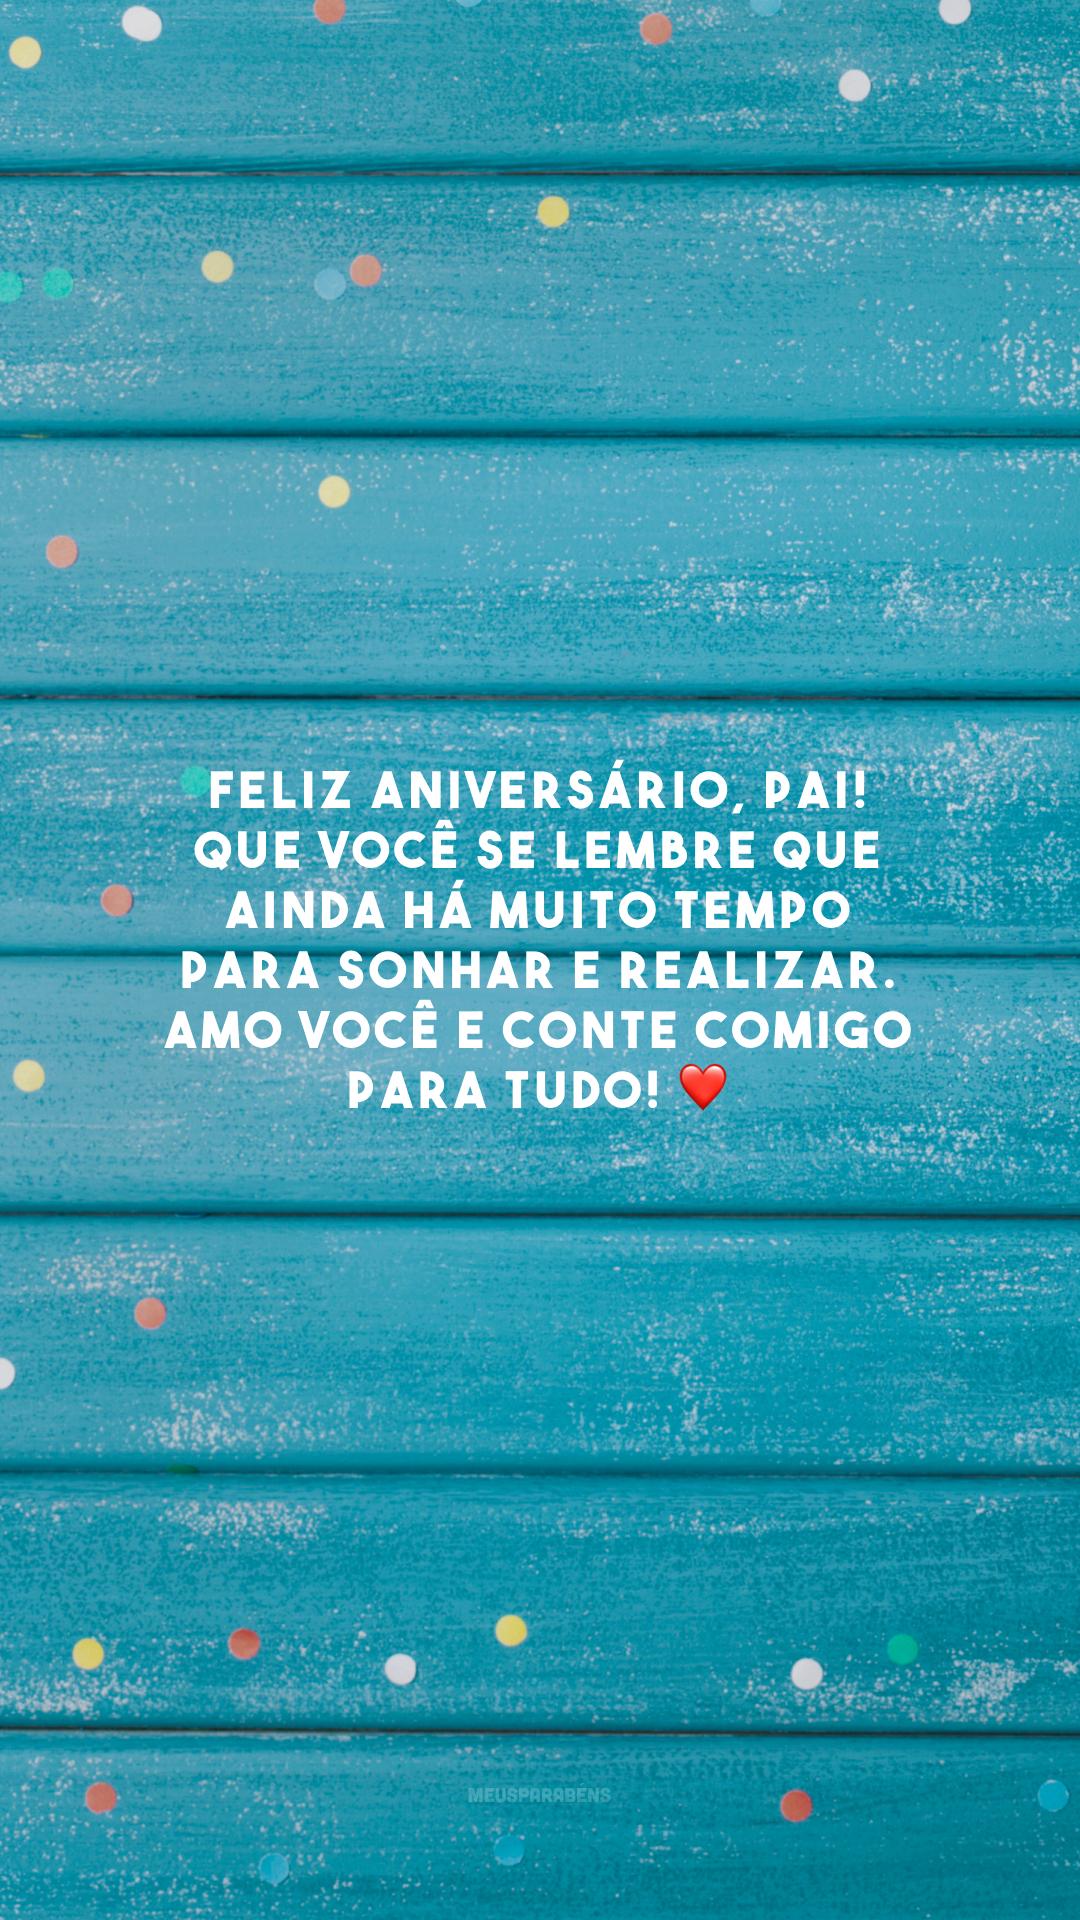 Feliz aniversário, pai! Que você se lembre que ainda há muito tempo para sonhar e realizar. Amo você e conte comigo para tudo! ❤️